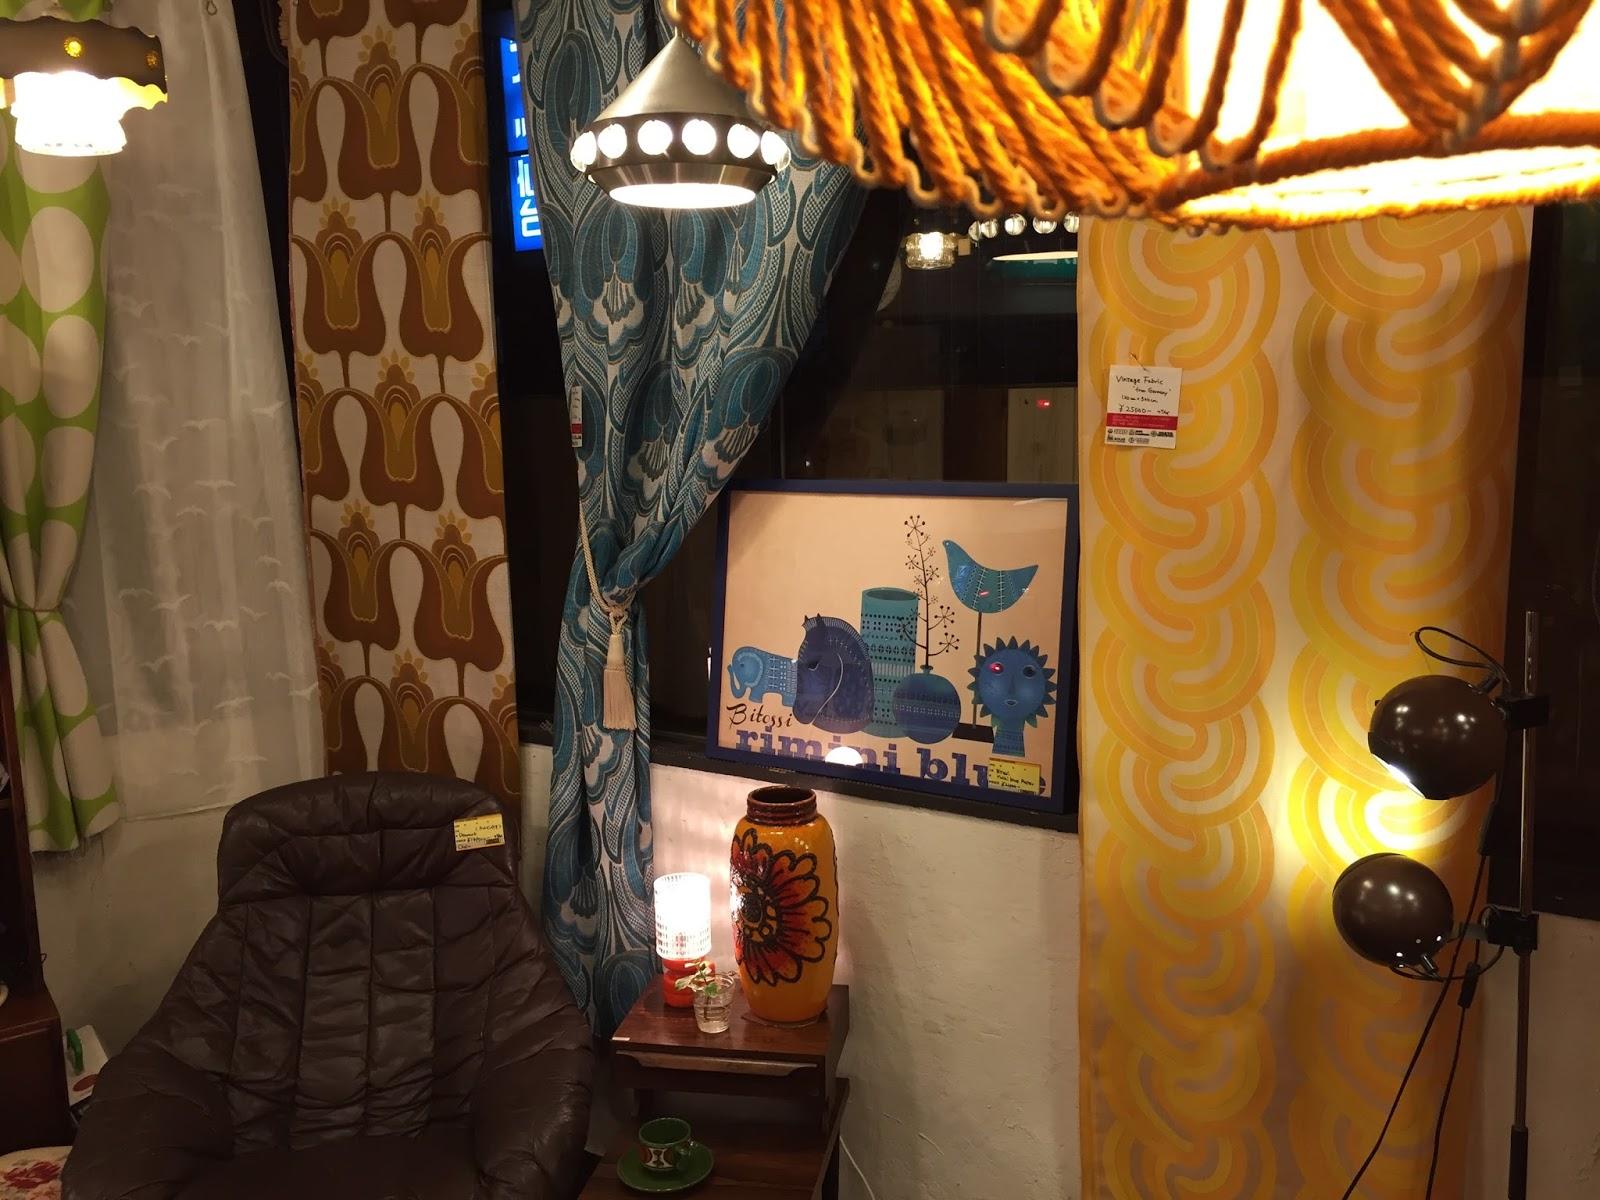 ヴィンテージの生地をカーテンに♪ | 3days-grunge 仙台xインテリアx部屋